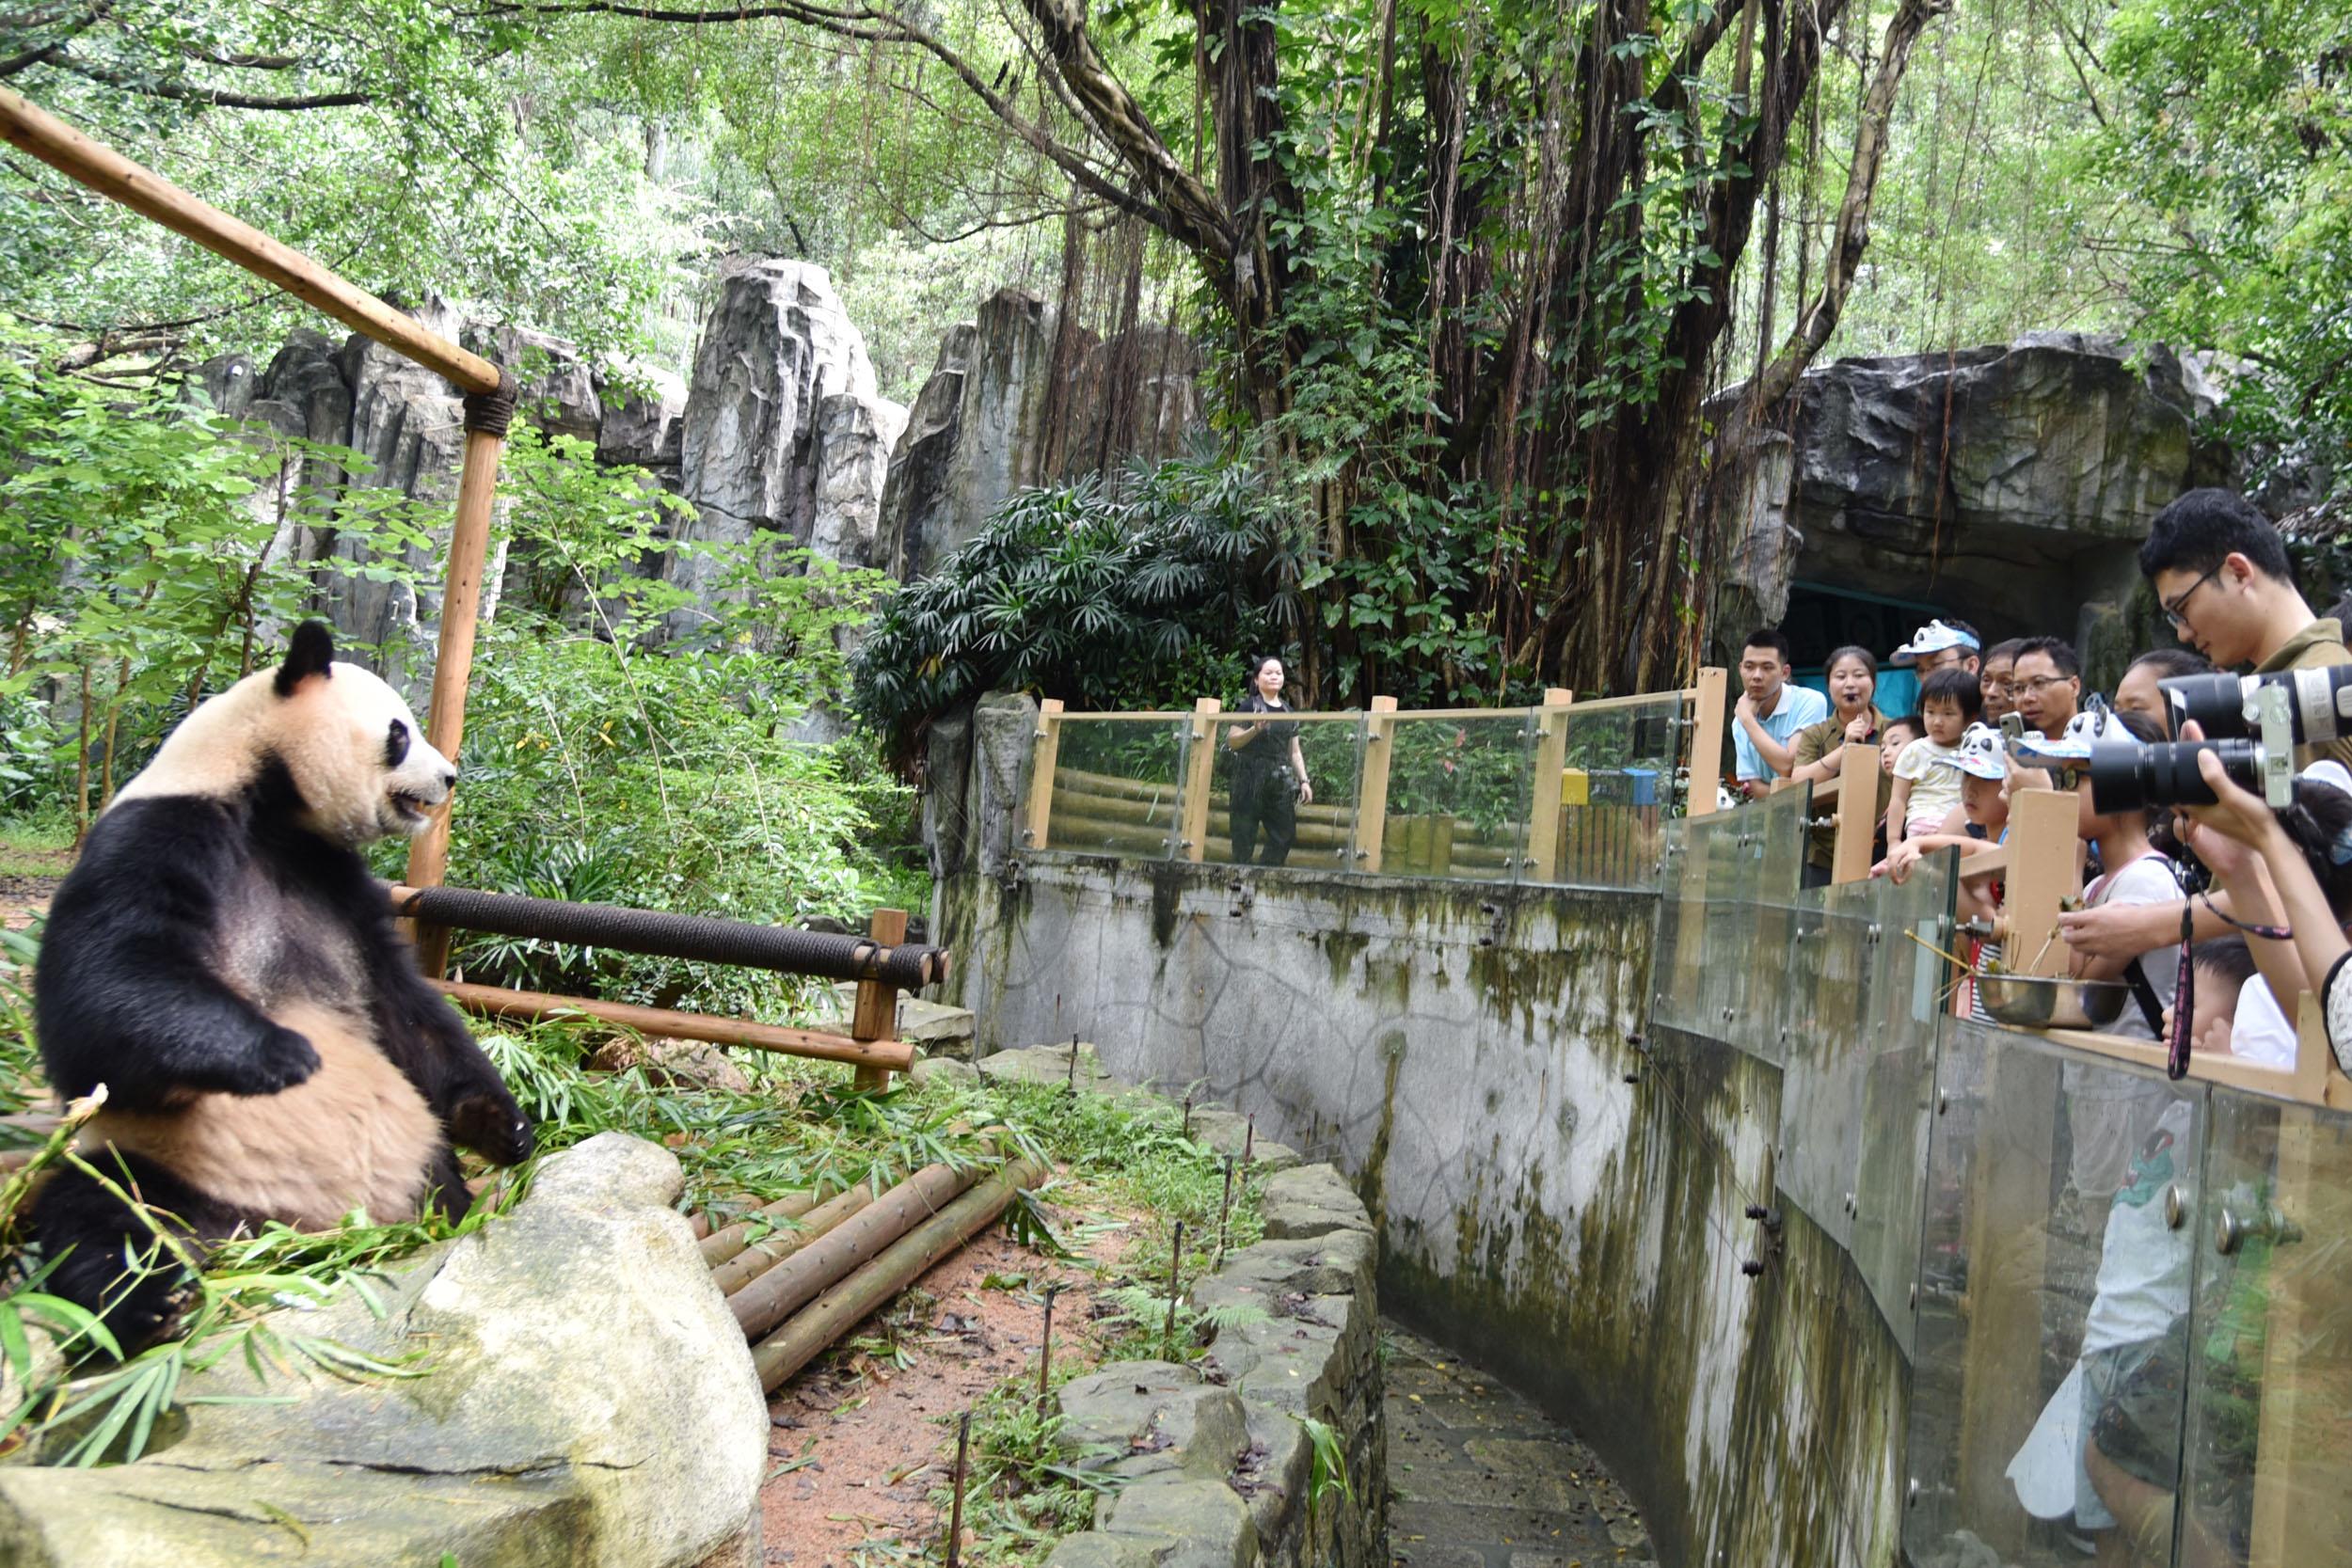 孩子們在親人的陪同下在深圳野生動物園觀看大熊貓